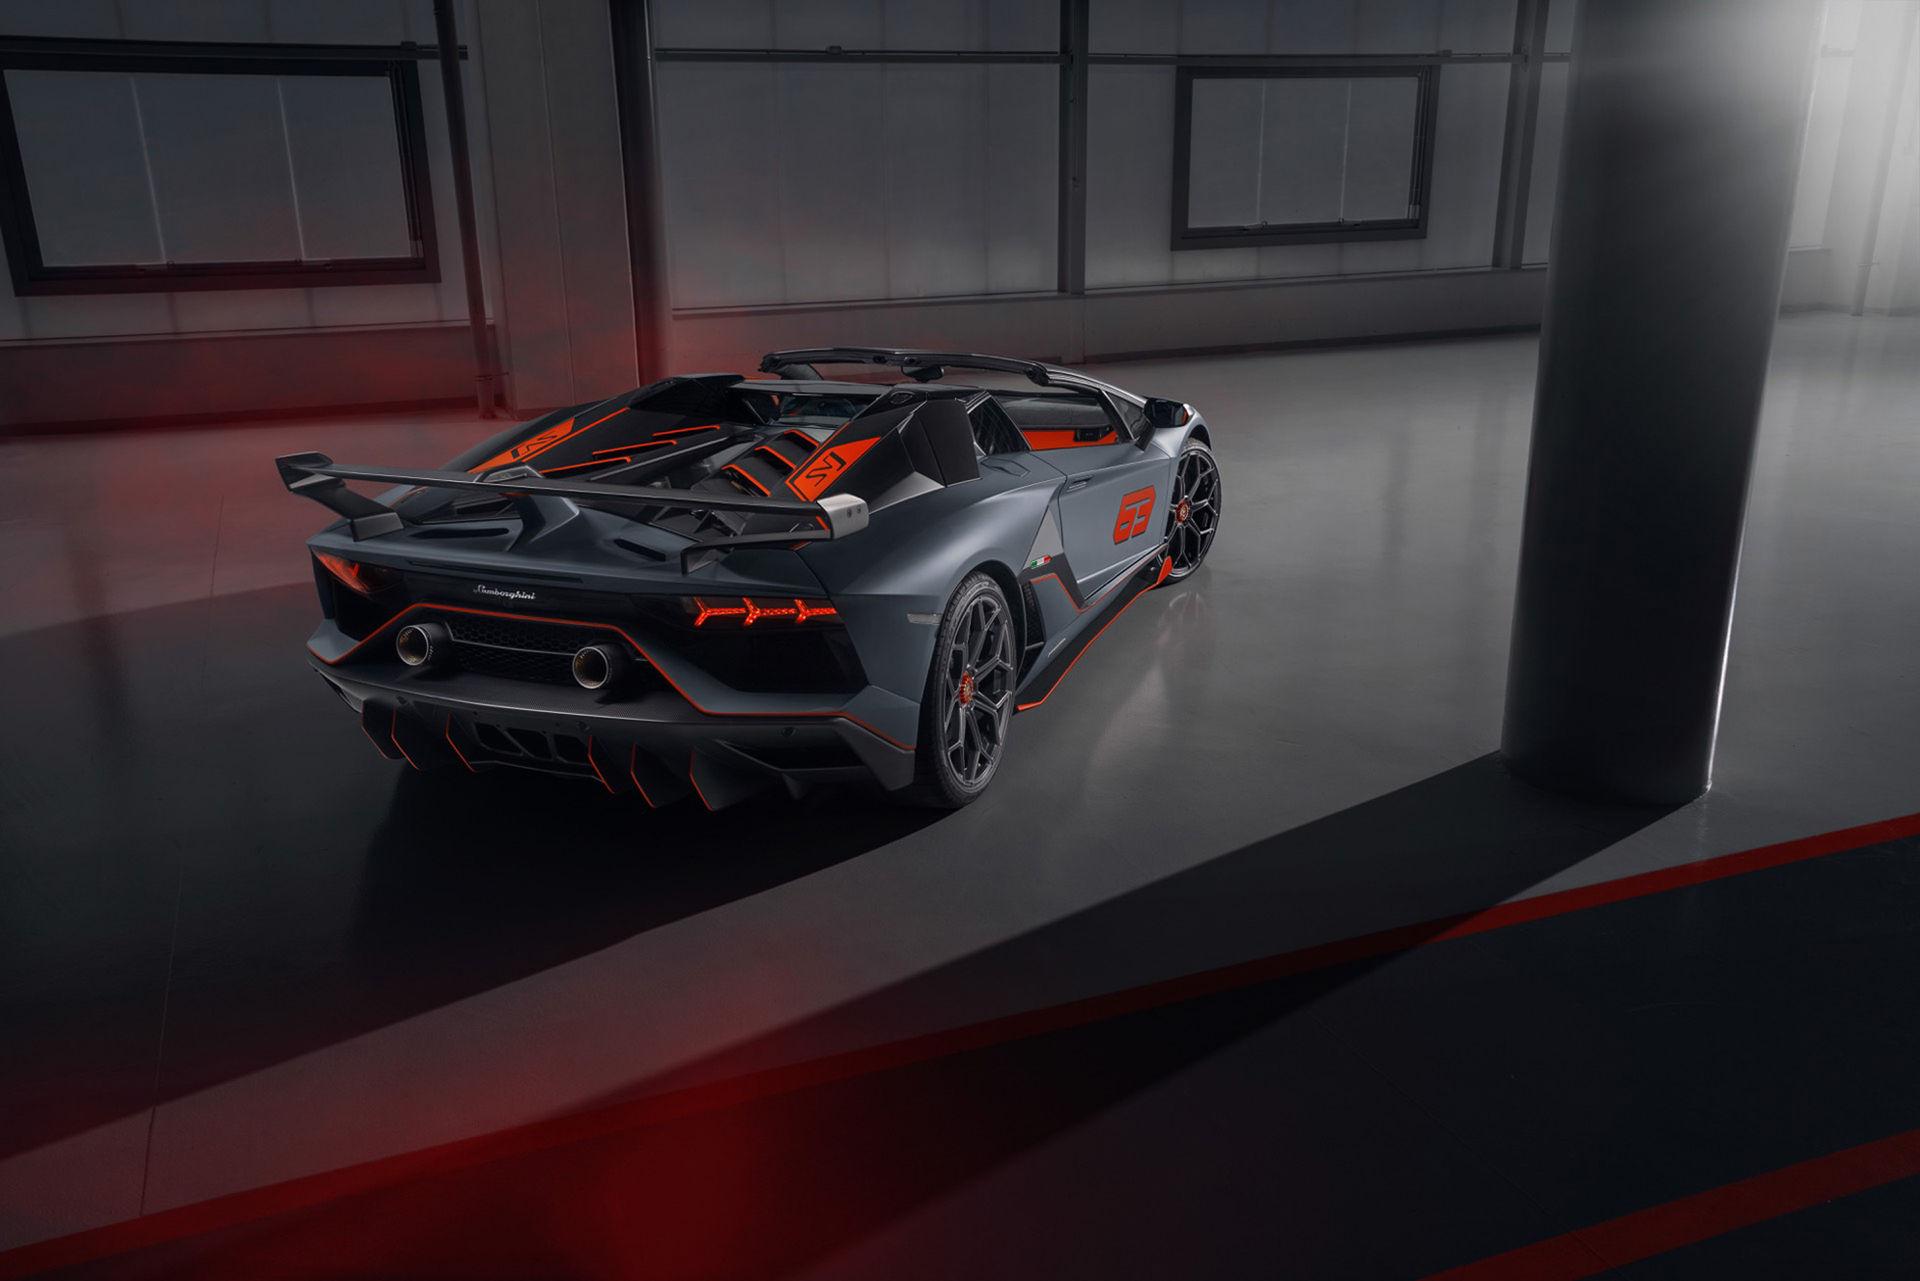 Lamborghini Aventador SVJ 63 nu även som cab